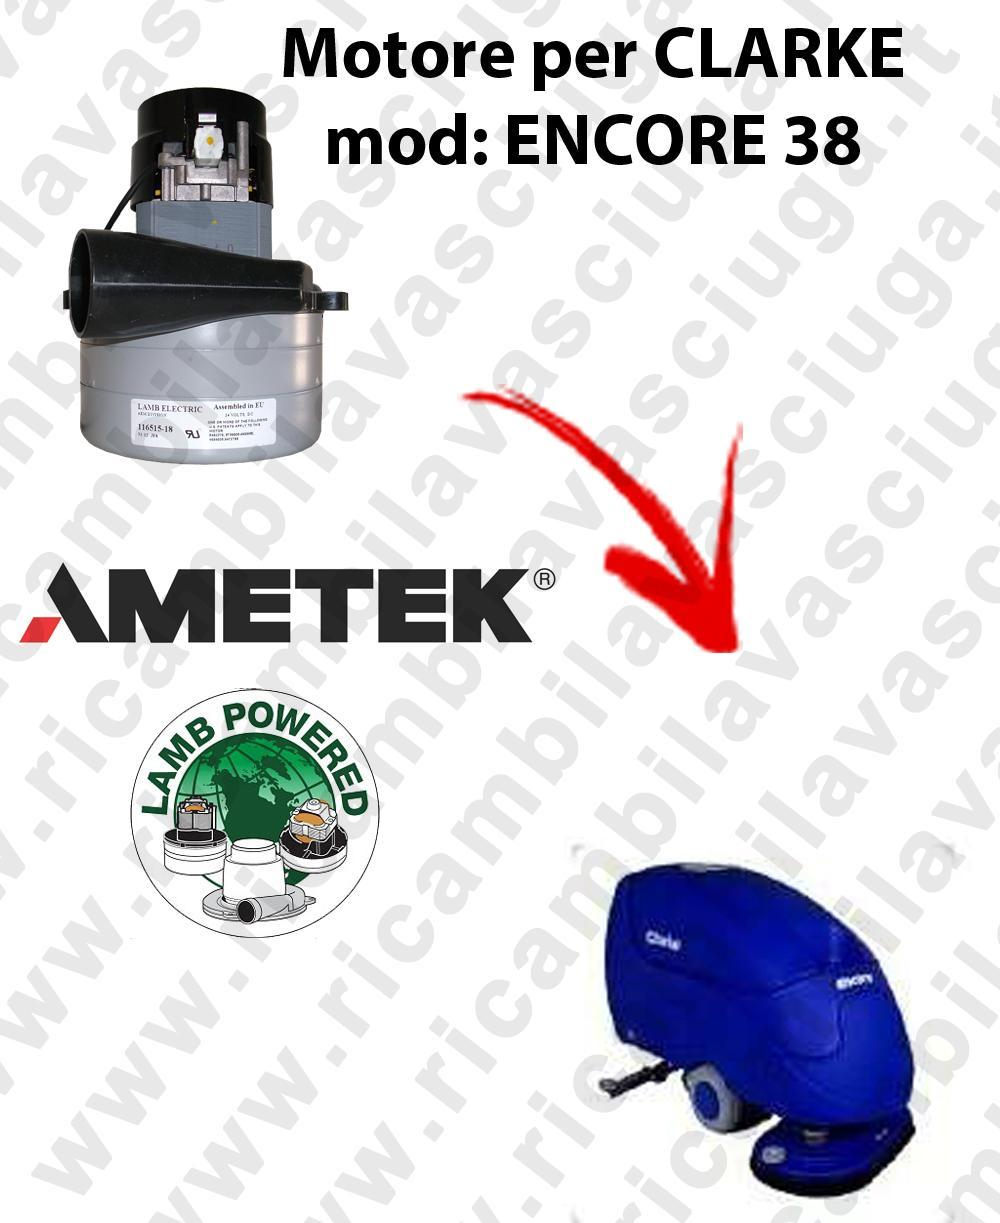 ENCORE 38 Saugmotor LAMB AMETEK für scheuersaugmaschinen CLARKE